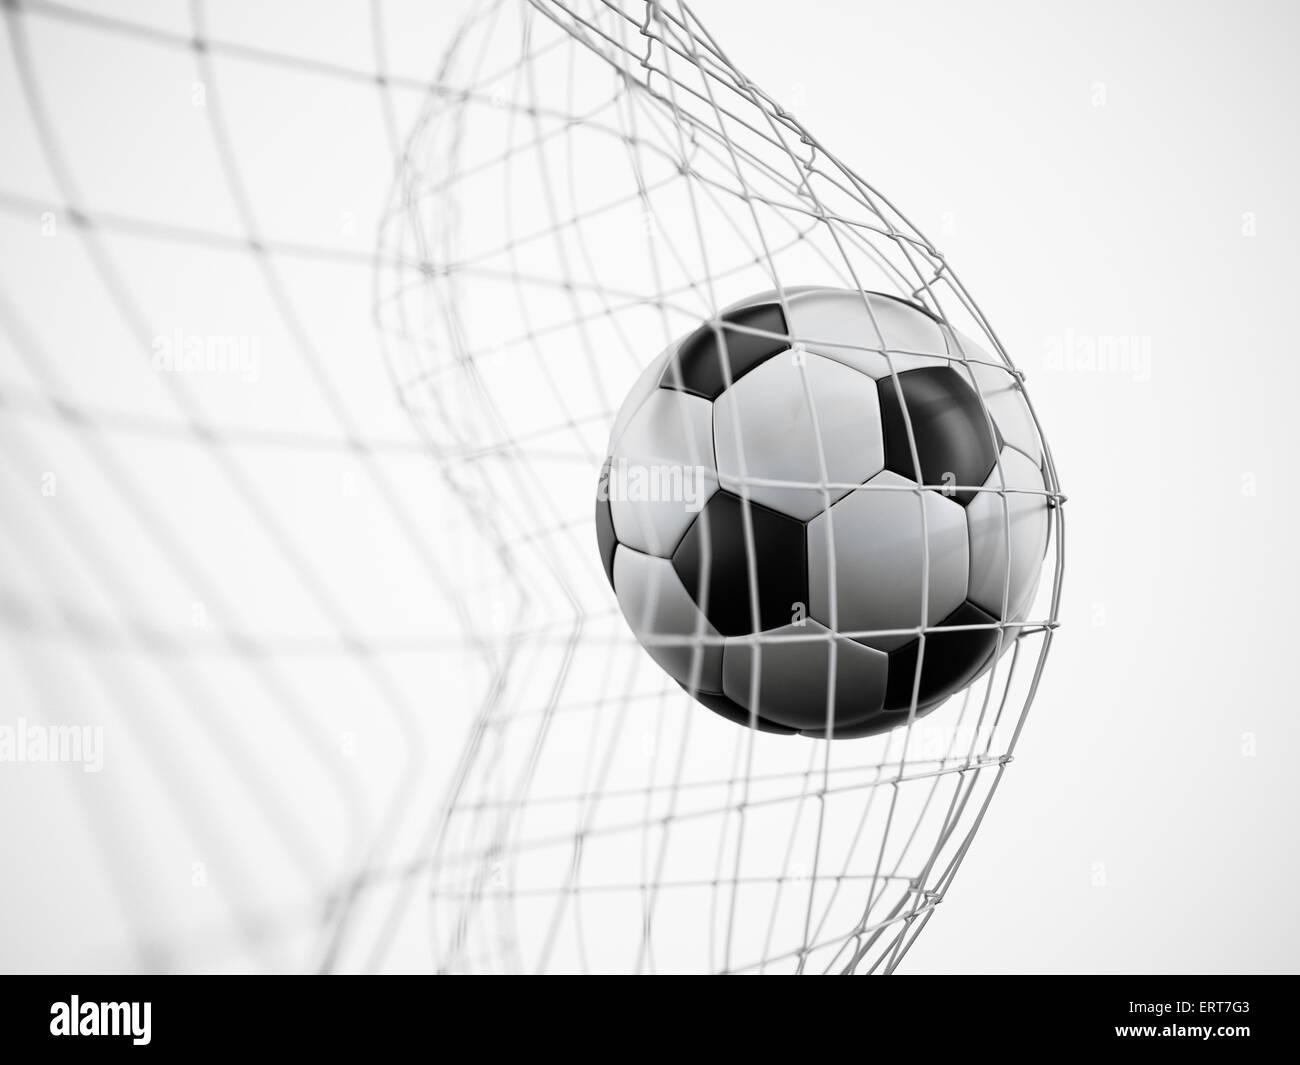 Pallone da calcio o calcio in rete isolata su sfondo bianco Immagini Stock